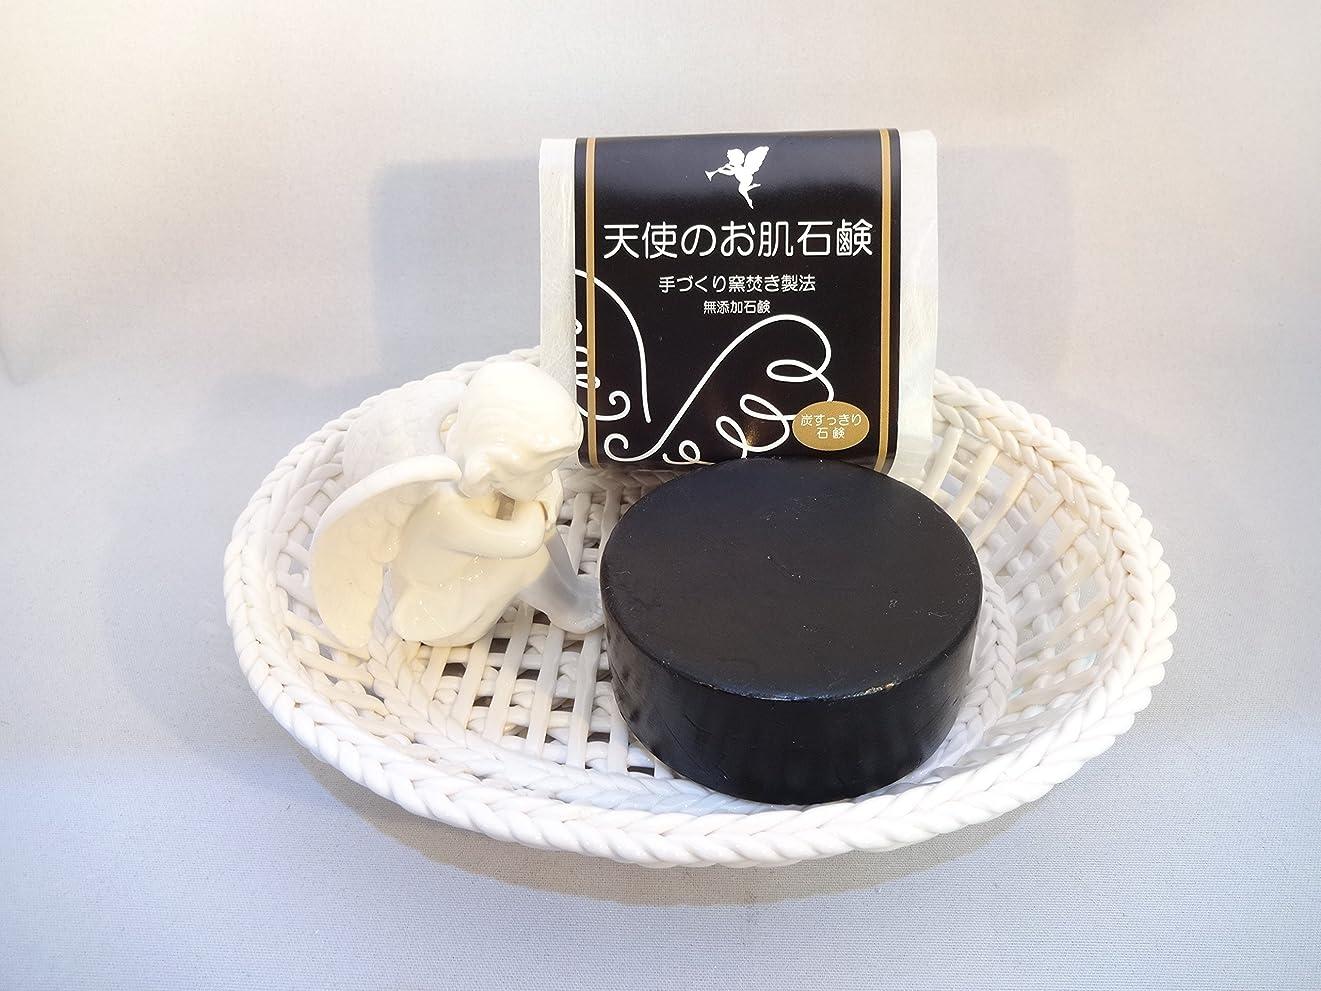 間パットミスペンド天使のお肌石鹸 「炭すっきり石鹸」 100g